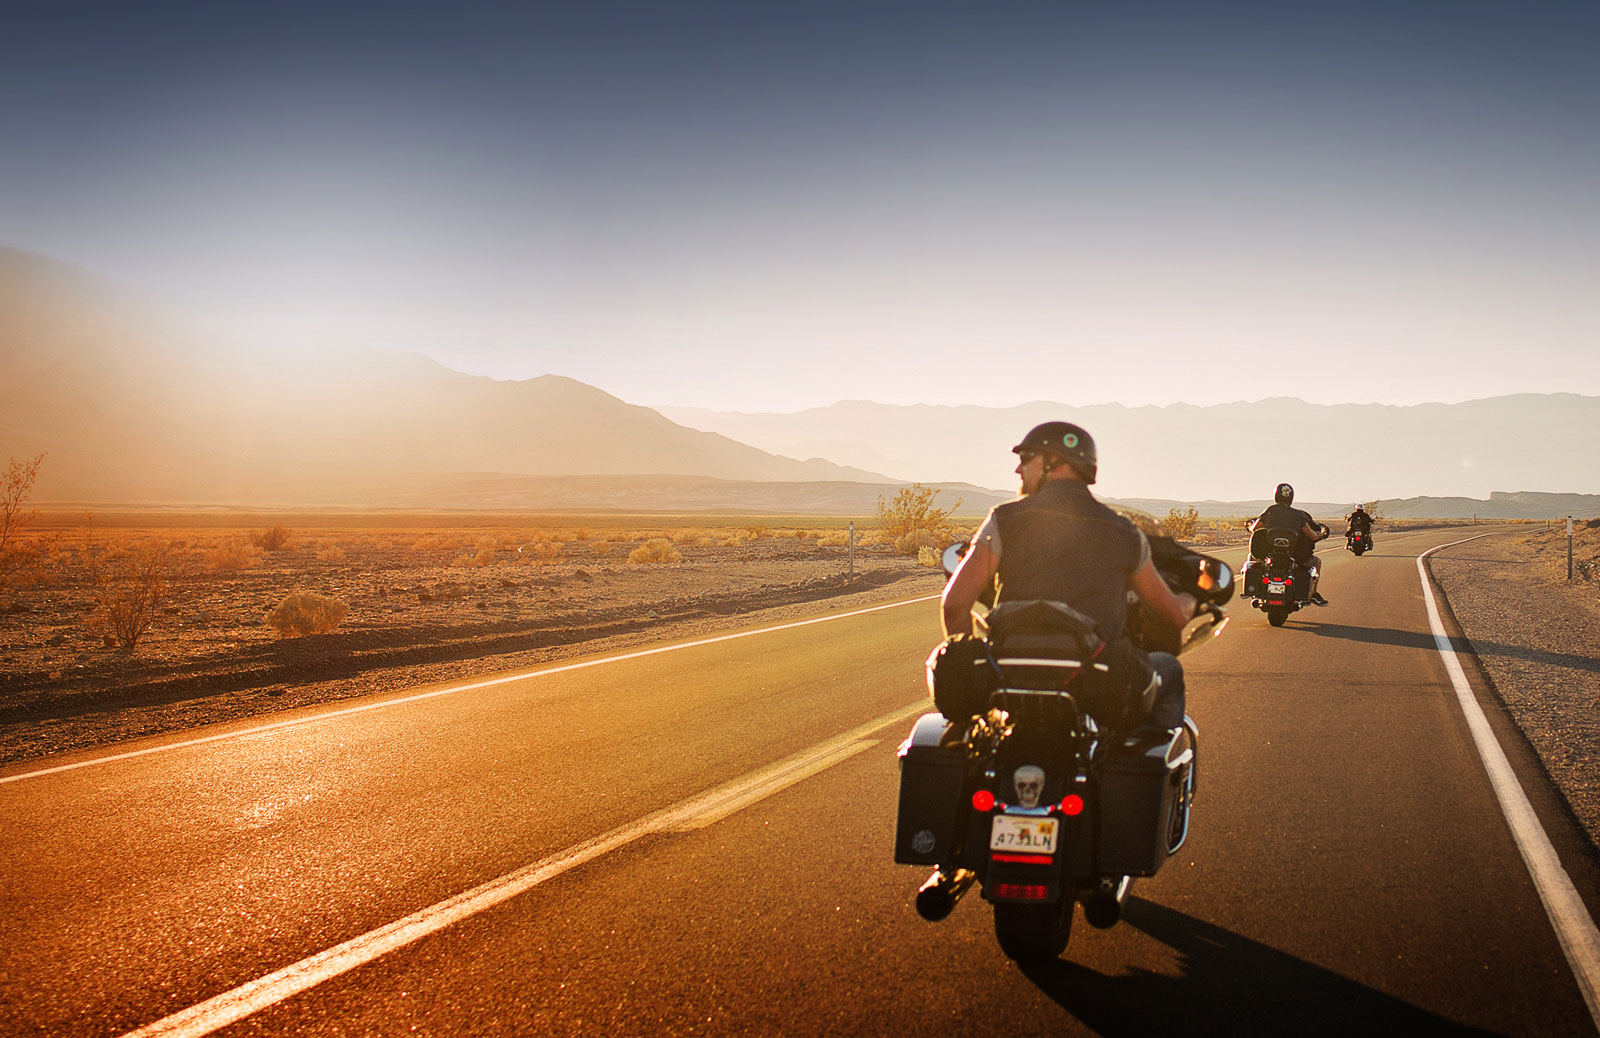 I want to take a road trip to Leh-Ladakh on bike. How